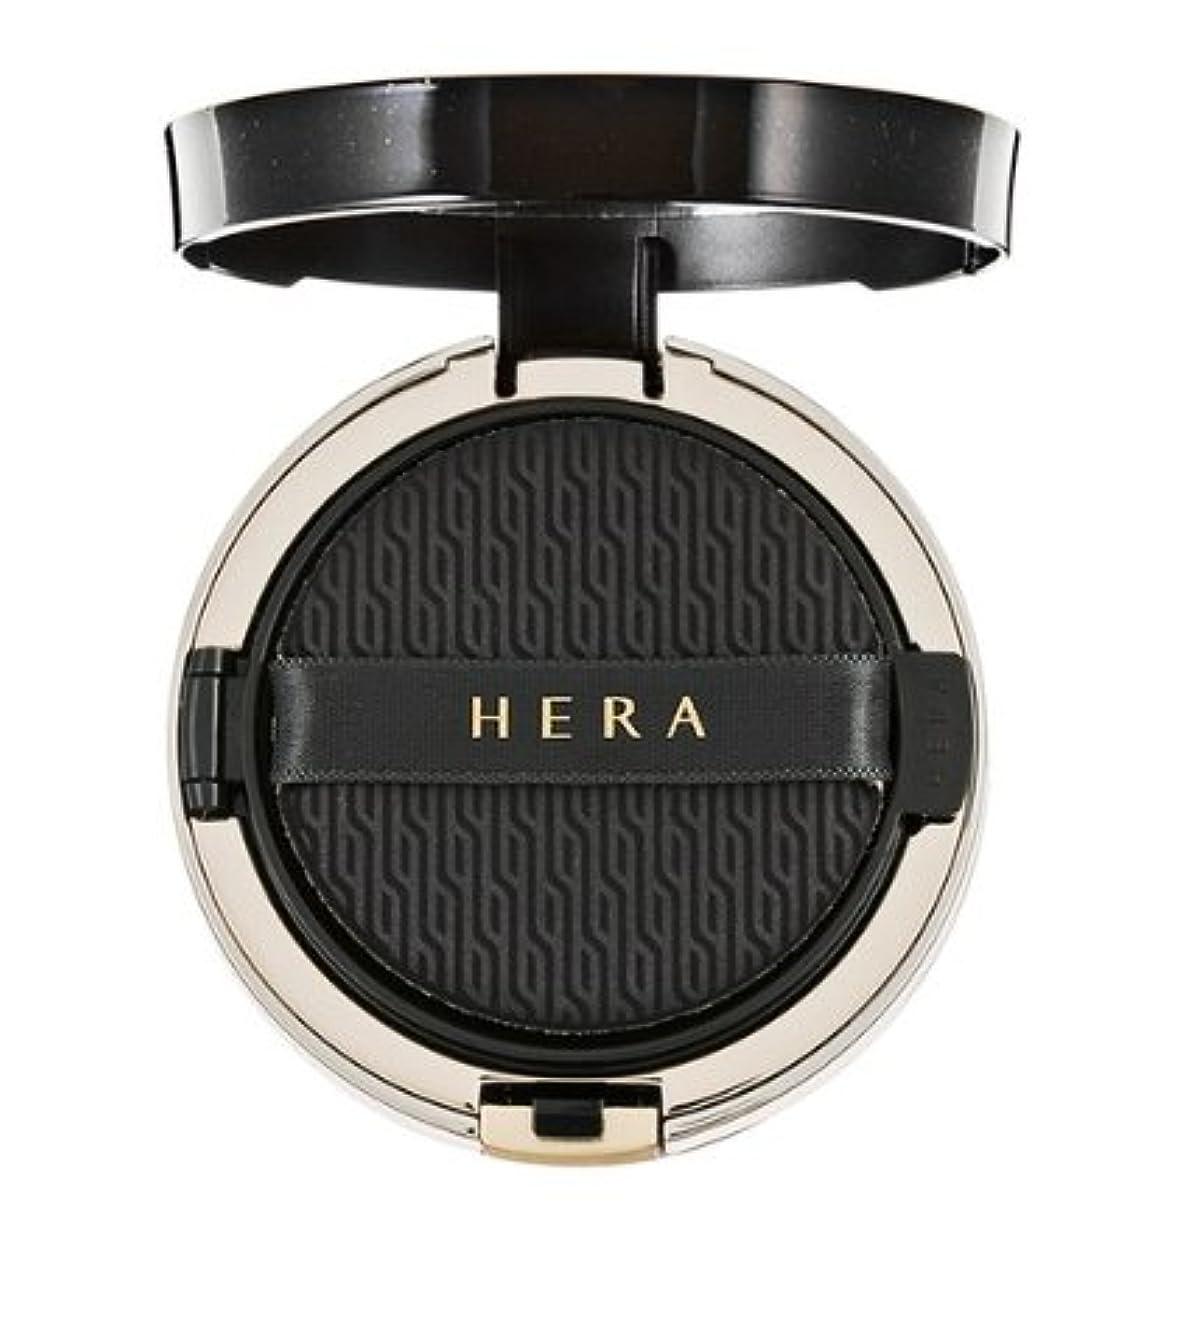 情緒的召集するなしで(ヘラ) Hera ブラッククッション SPF34/PA++ 本品15g+リフィール15g / Black Cushion SPF34/PA++ 15g+Refil15g (No.21 banila) (韓国直発送) shumaman